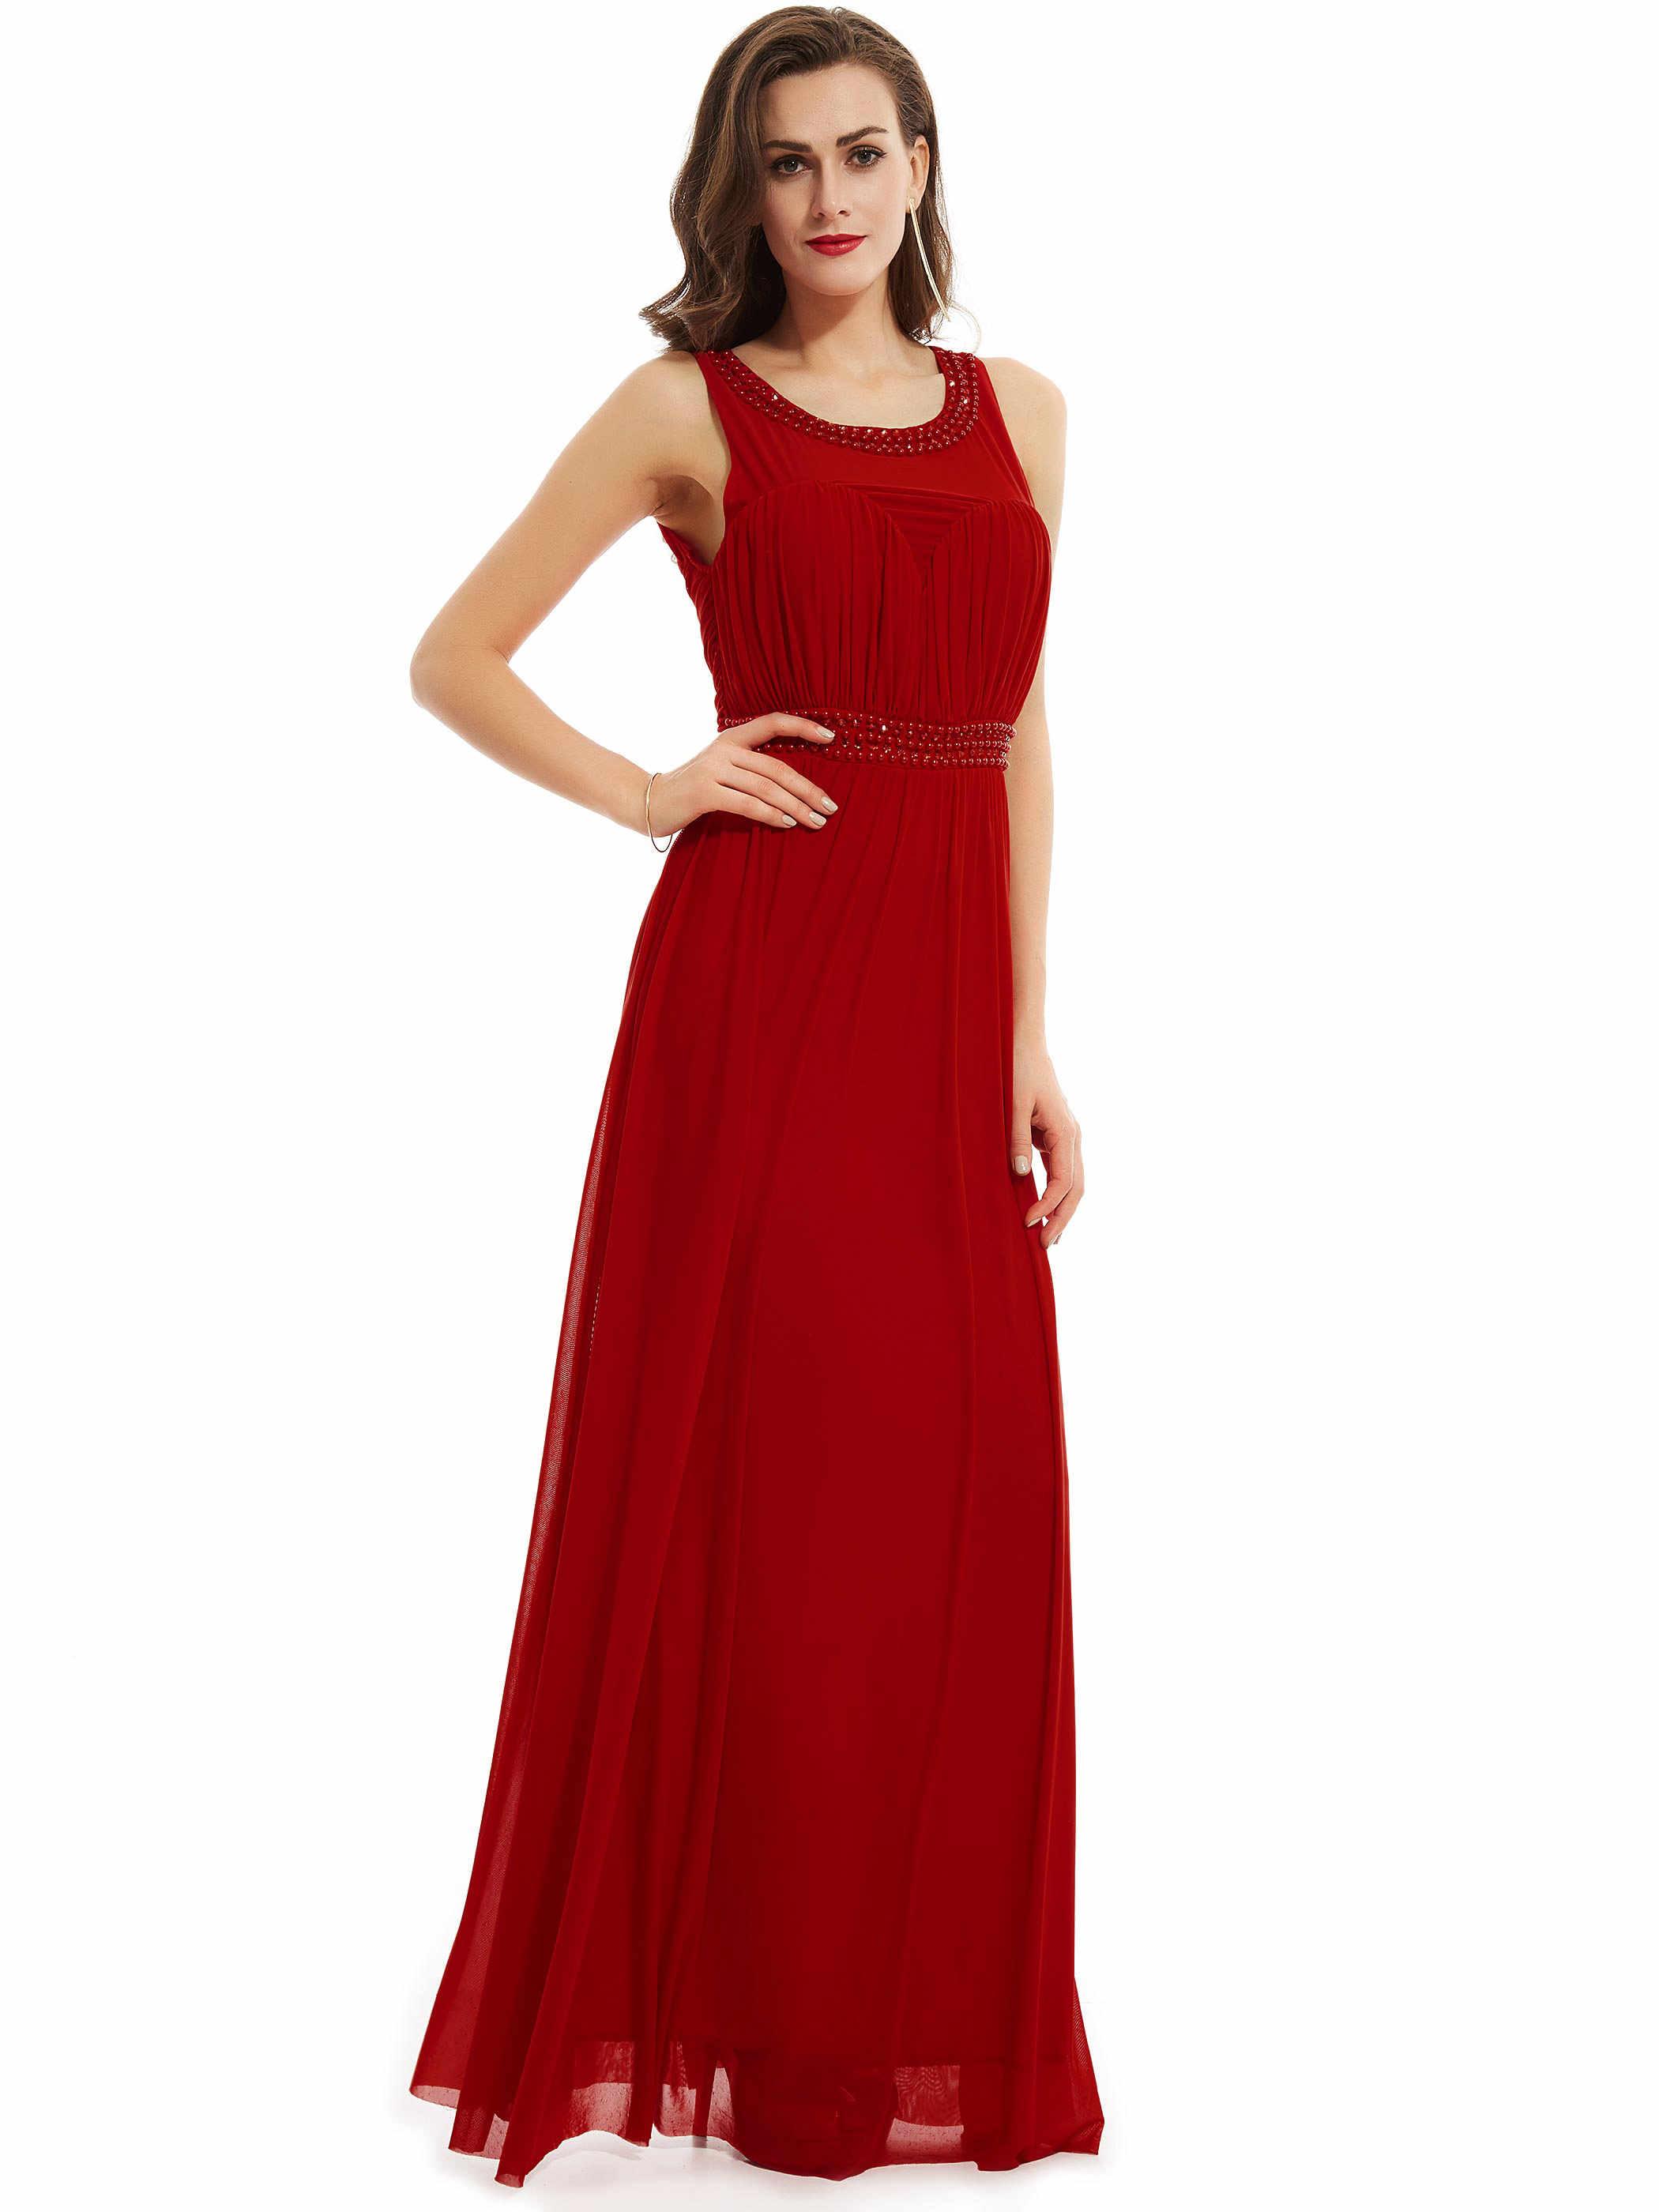 DressV Sendok Panjang Gaun Malam Merah Tanpa Lengan Garis Lantai Panjang Gaun Hitam Manik-manik Kristal Ruched Formal Prom Gaun Malam